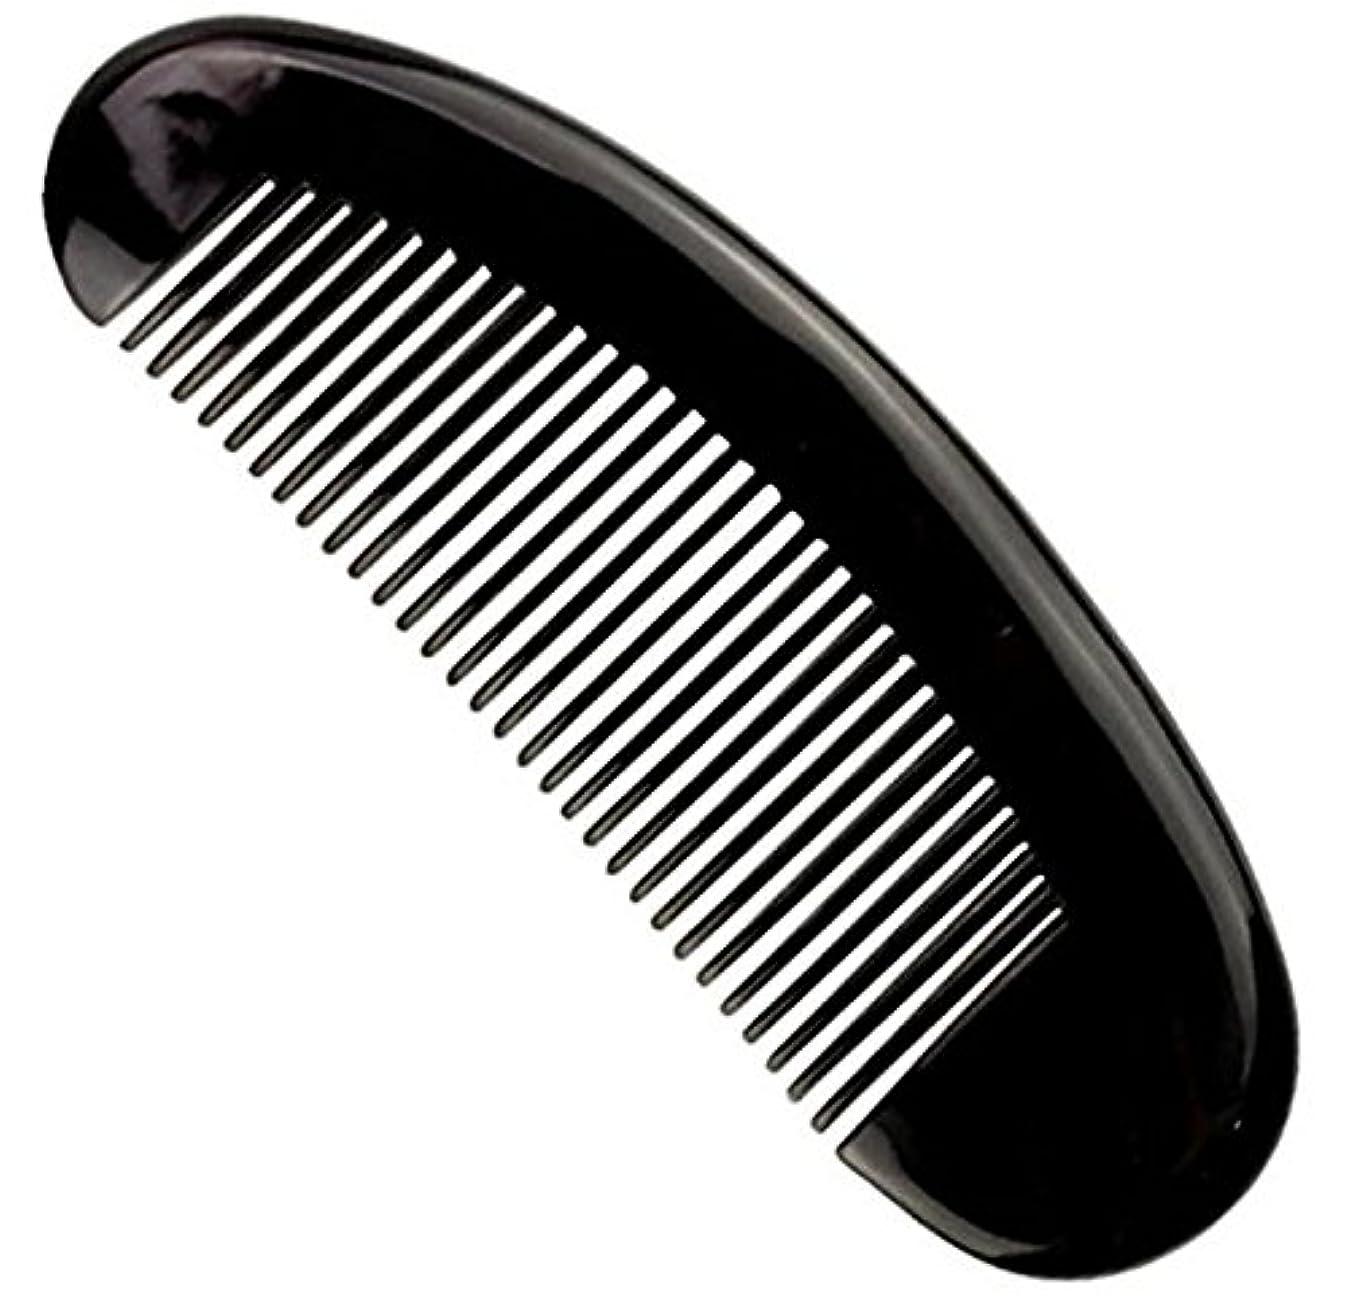 ストライプ労働者家具櫛型 プロも使う牛角かっさプレー マサージ用 血行改善 高級 天然 静電気防止 美髪 美顔 ボディ リンパマッサージ